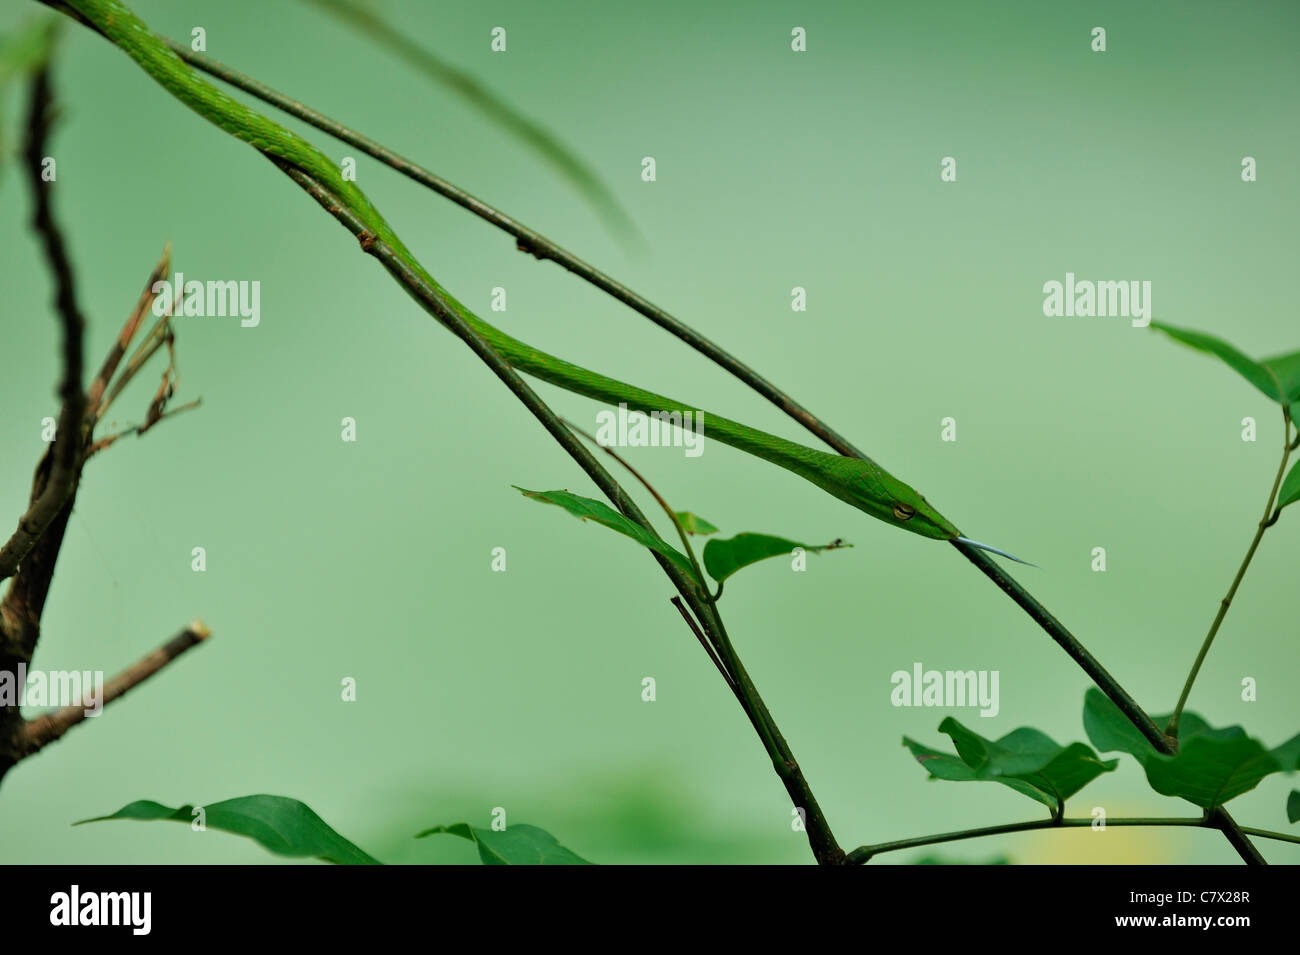 Ahaetulla prasina, comunemente noto come il vitigno asiatici serpente o il whipsnake orientali, è un albero diffuso serpente trovato in Asia Foto Stock